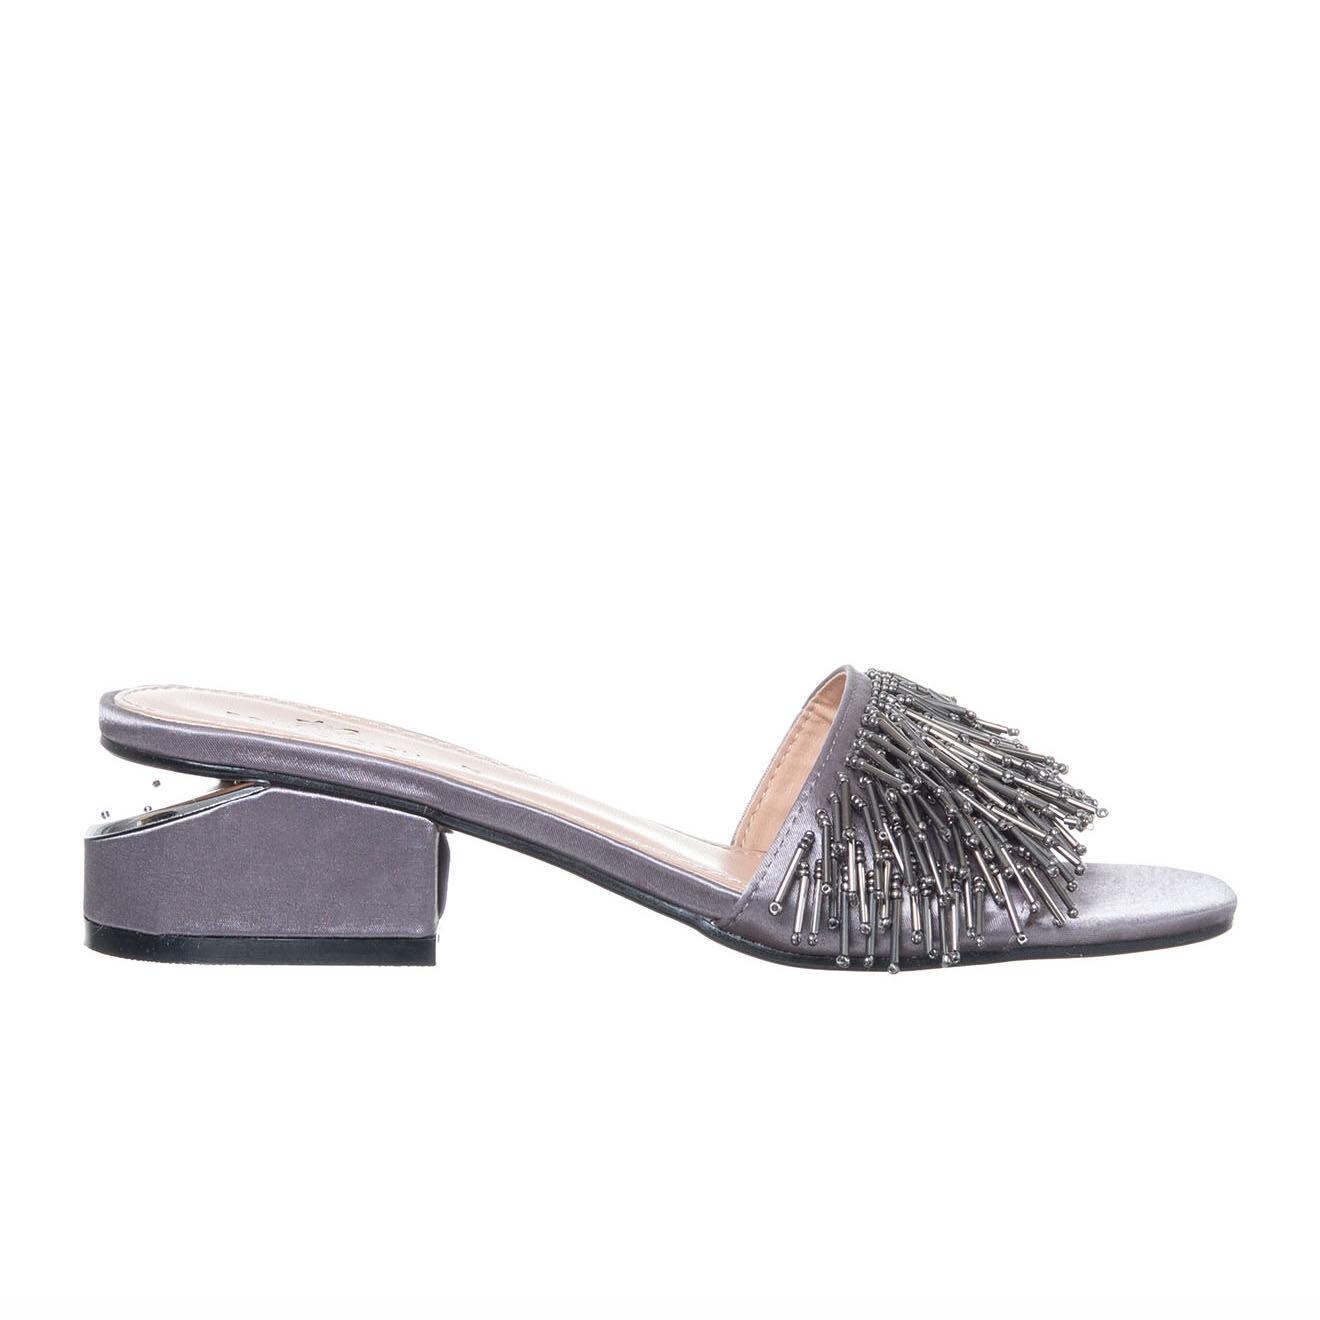 Sandales Albane agrentées - Talon 5 cm